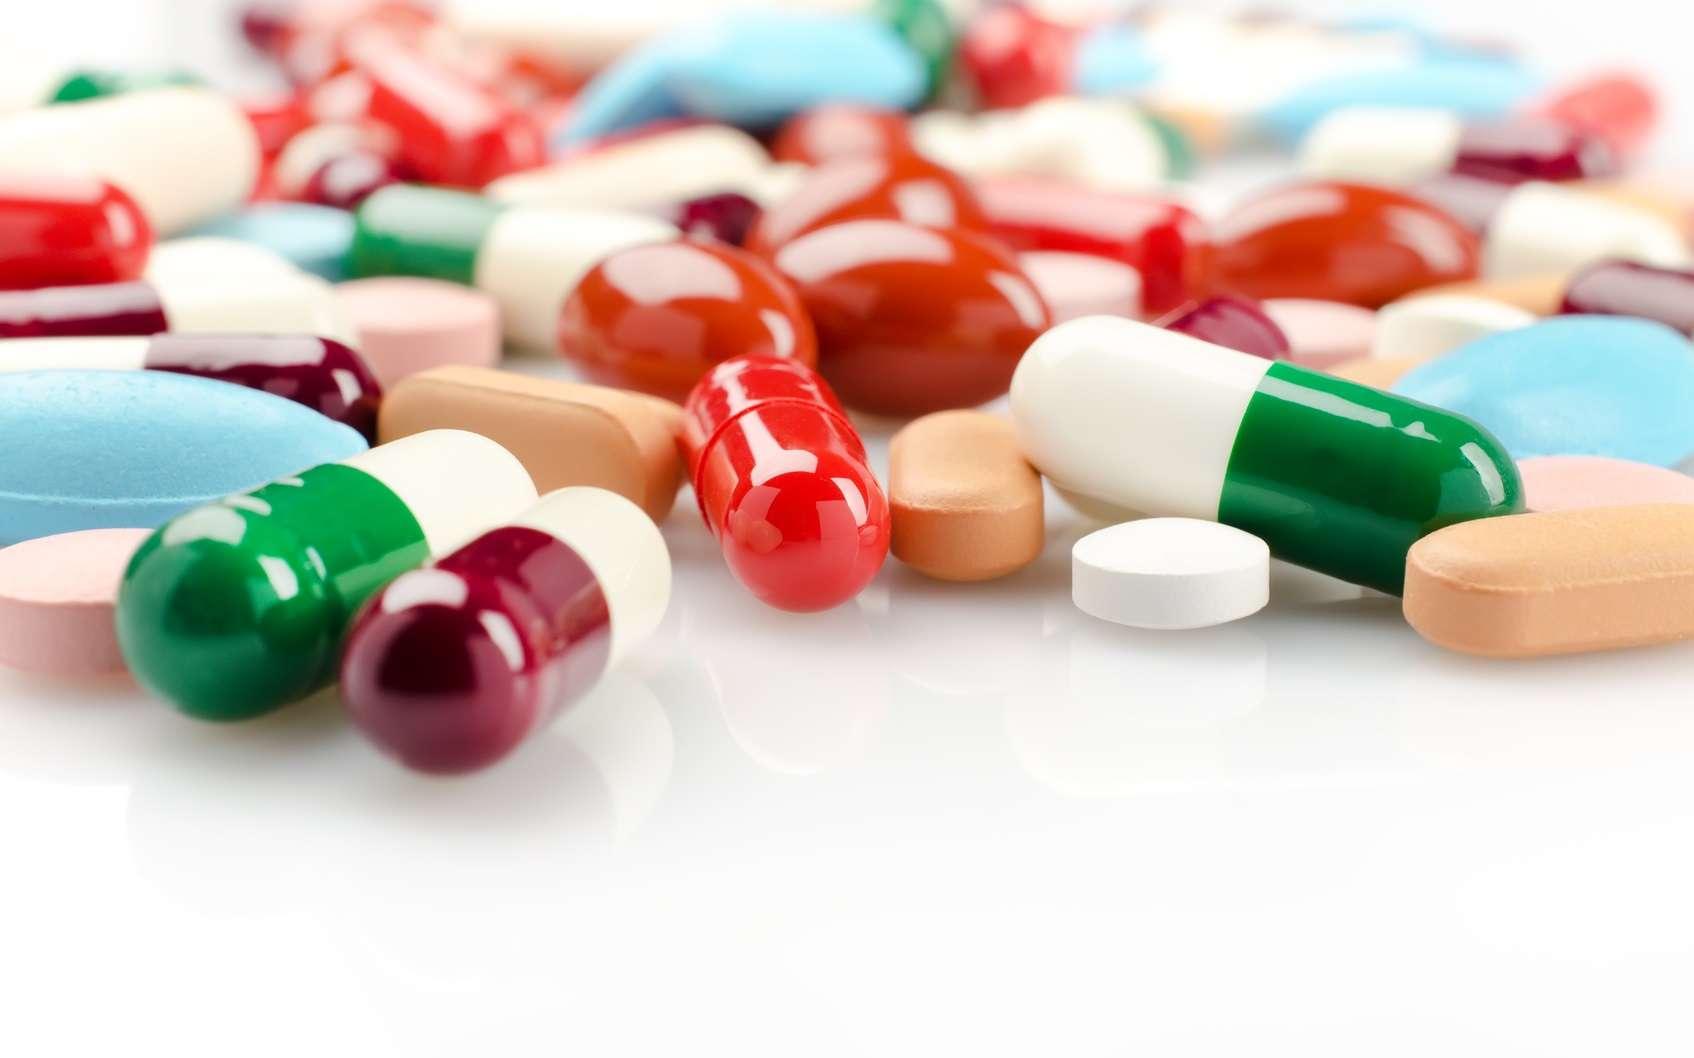 Les antibiotiques ont un effet nocif sur la flore intestinale et ne favorisent pas l'action immunitaire. © Grycaj, Fotolia